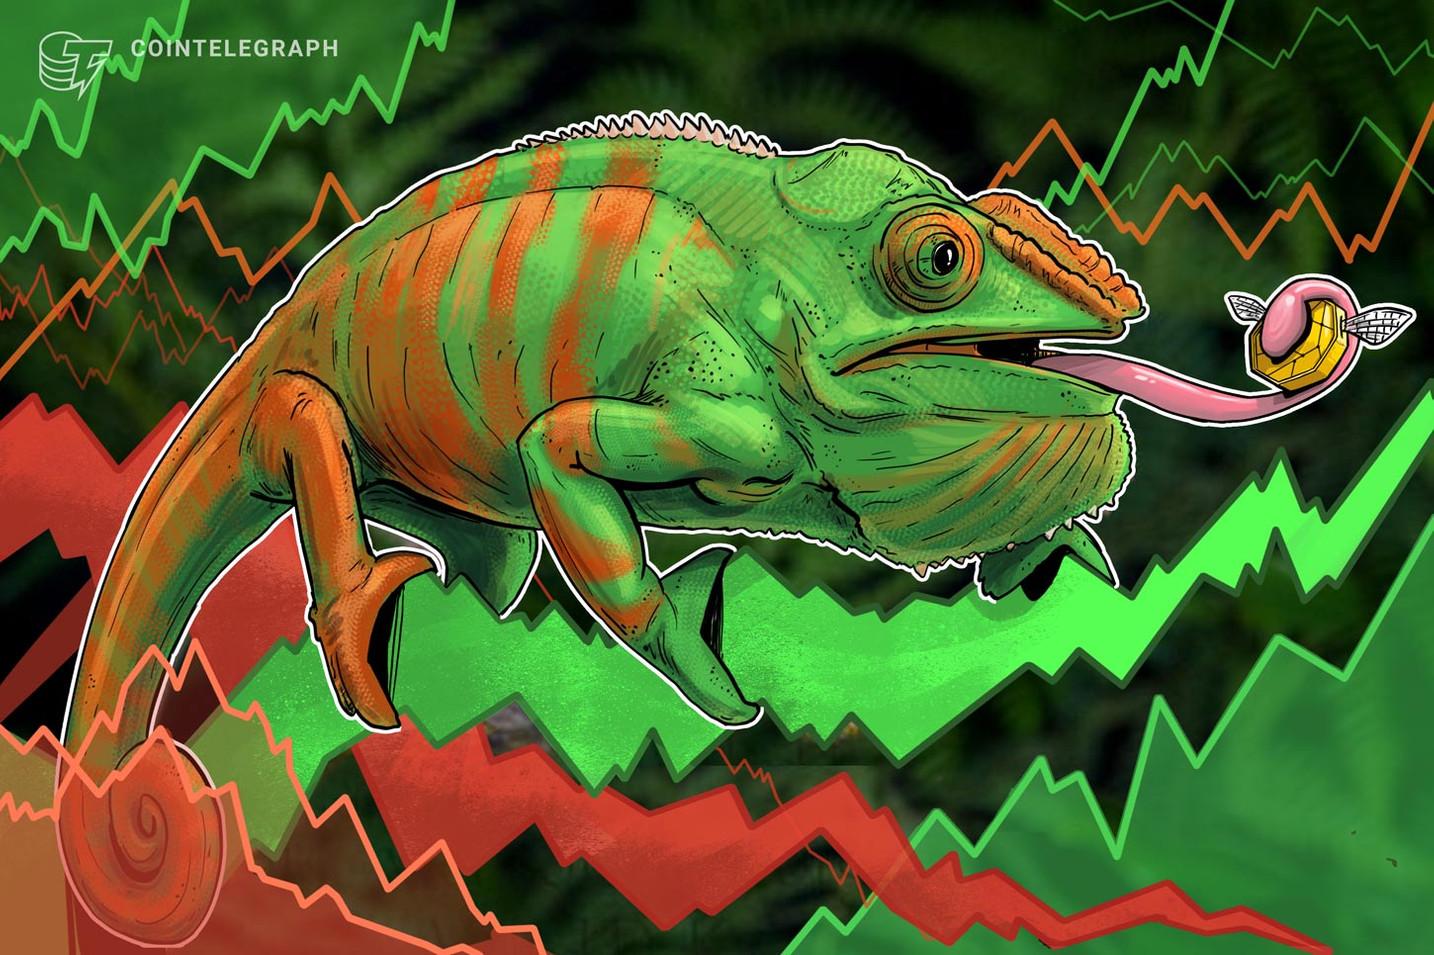 Los criptomercados se tornan verdes, los precios del petróleo se desploman